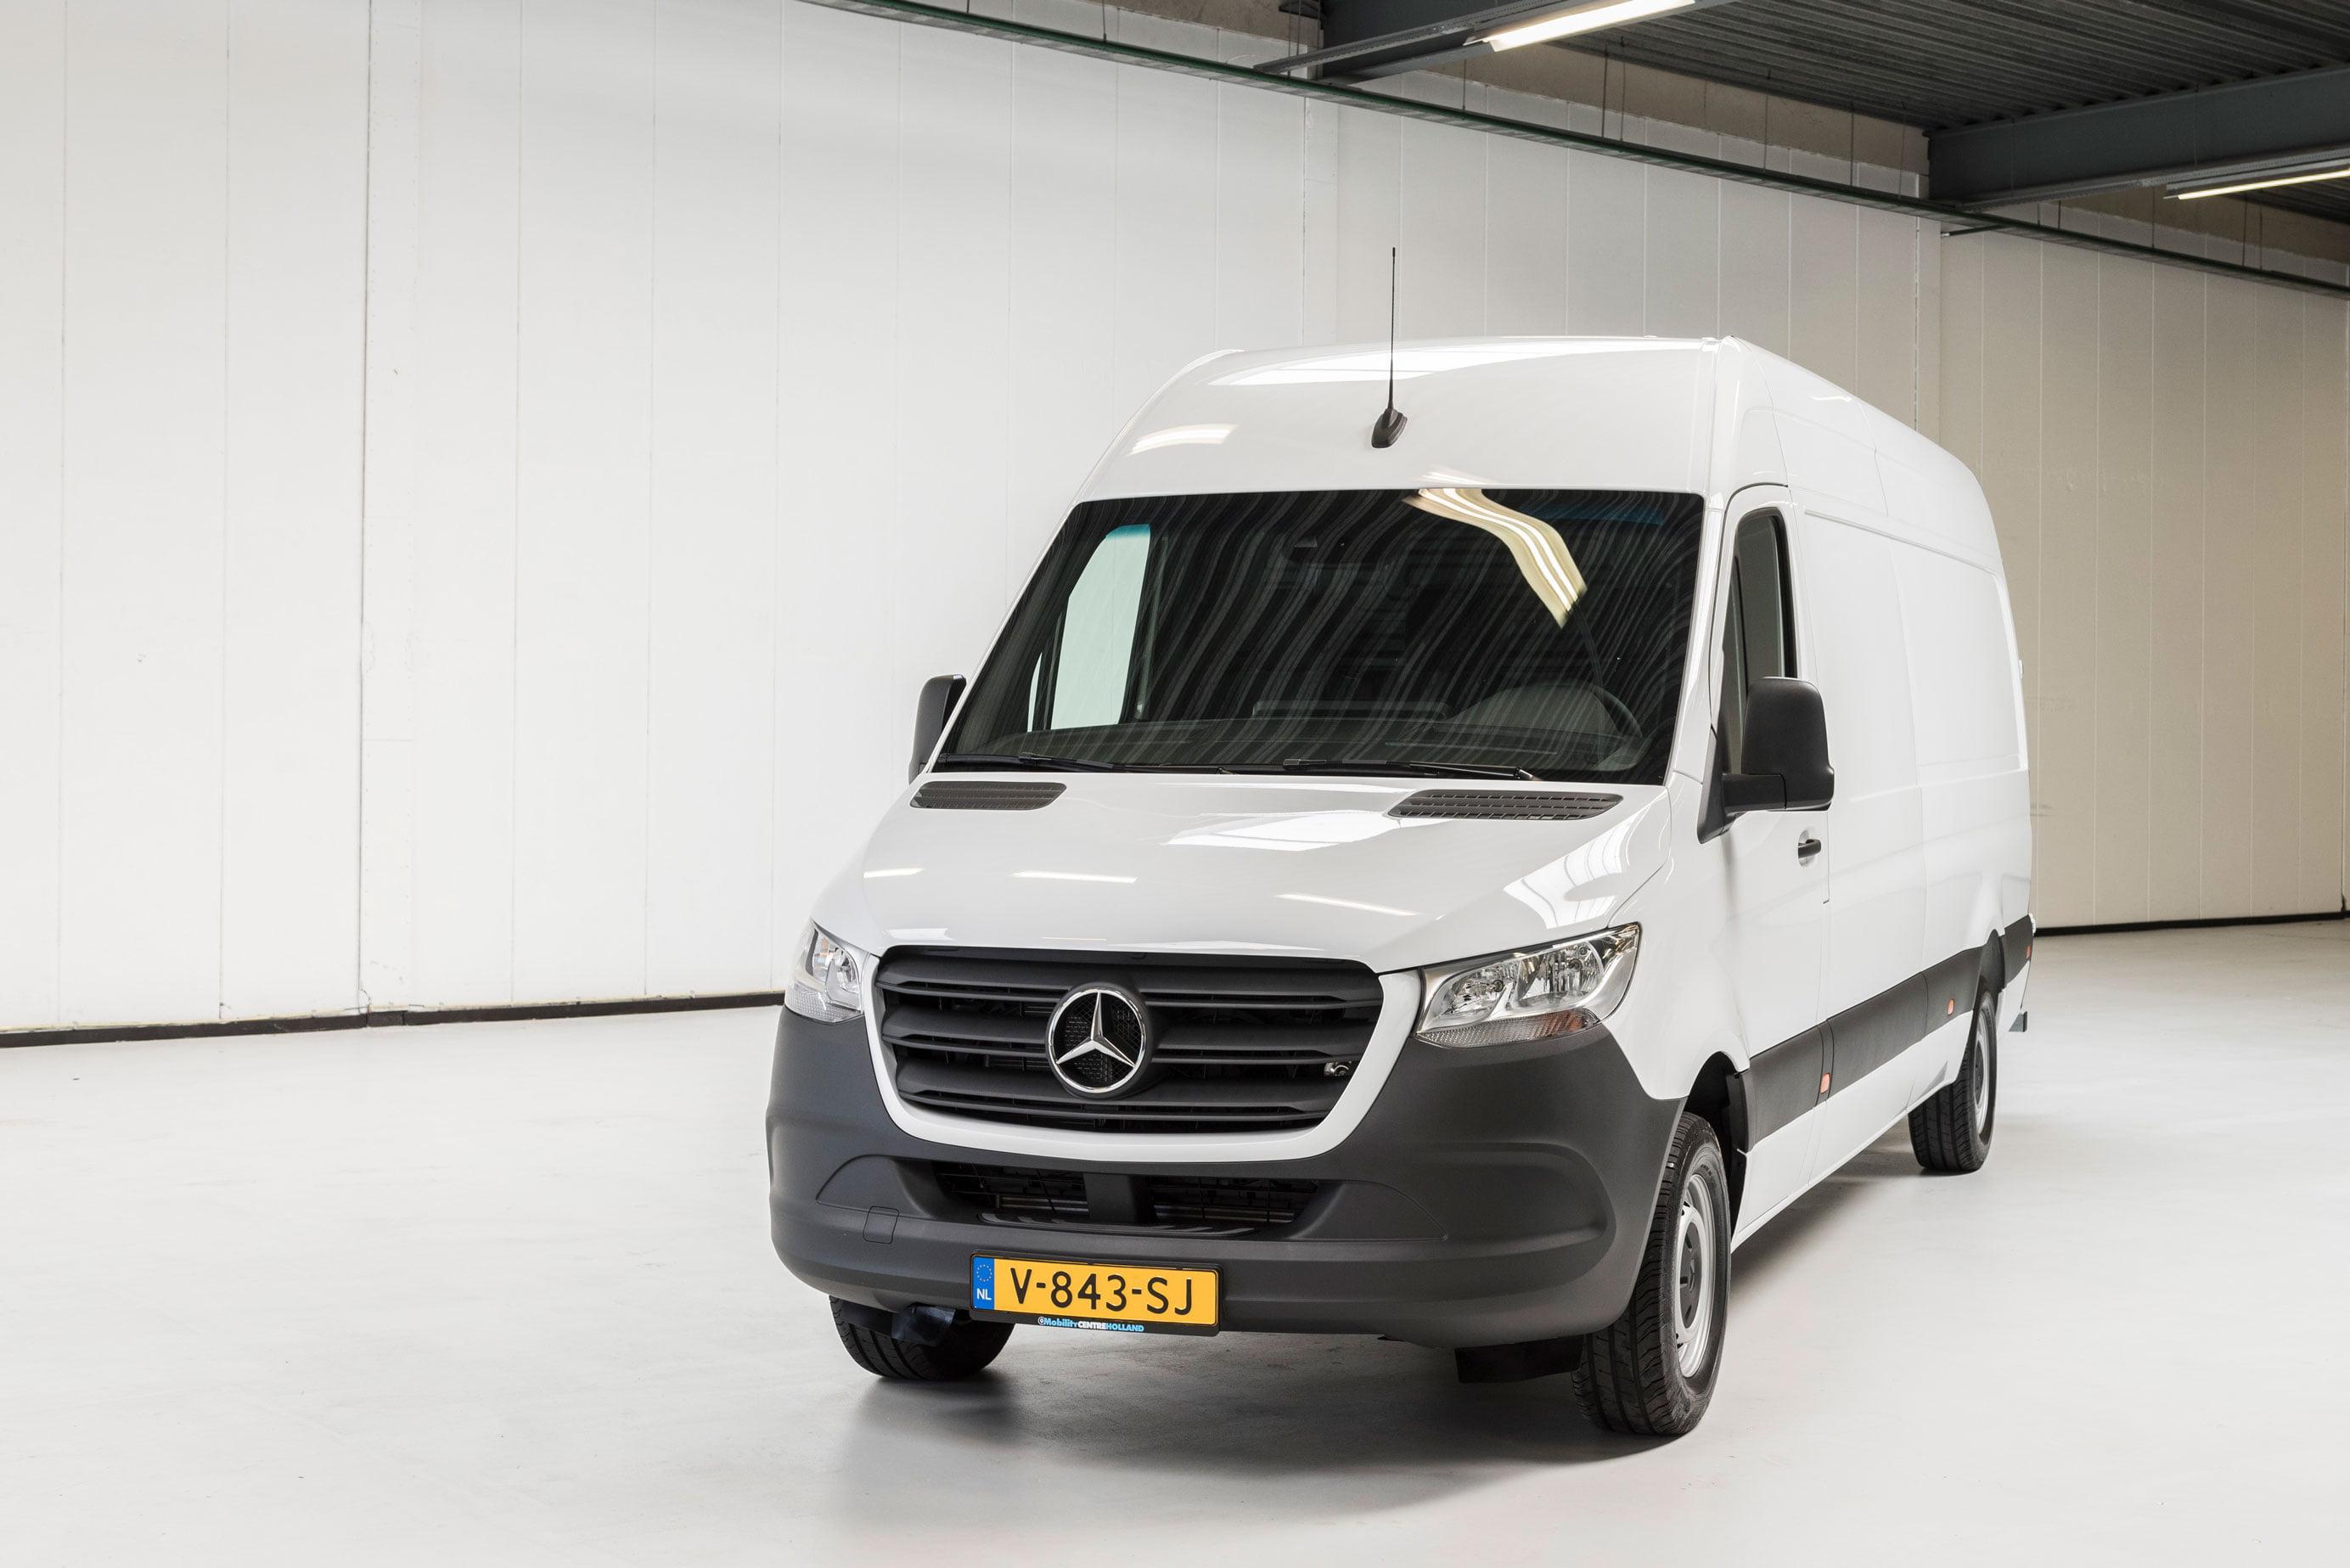 Koop, lease of huur bestelwagens bij Mobility Centre Holland